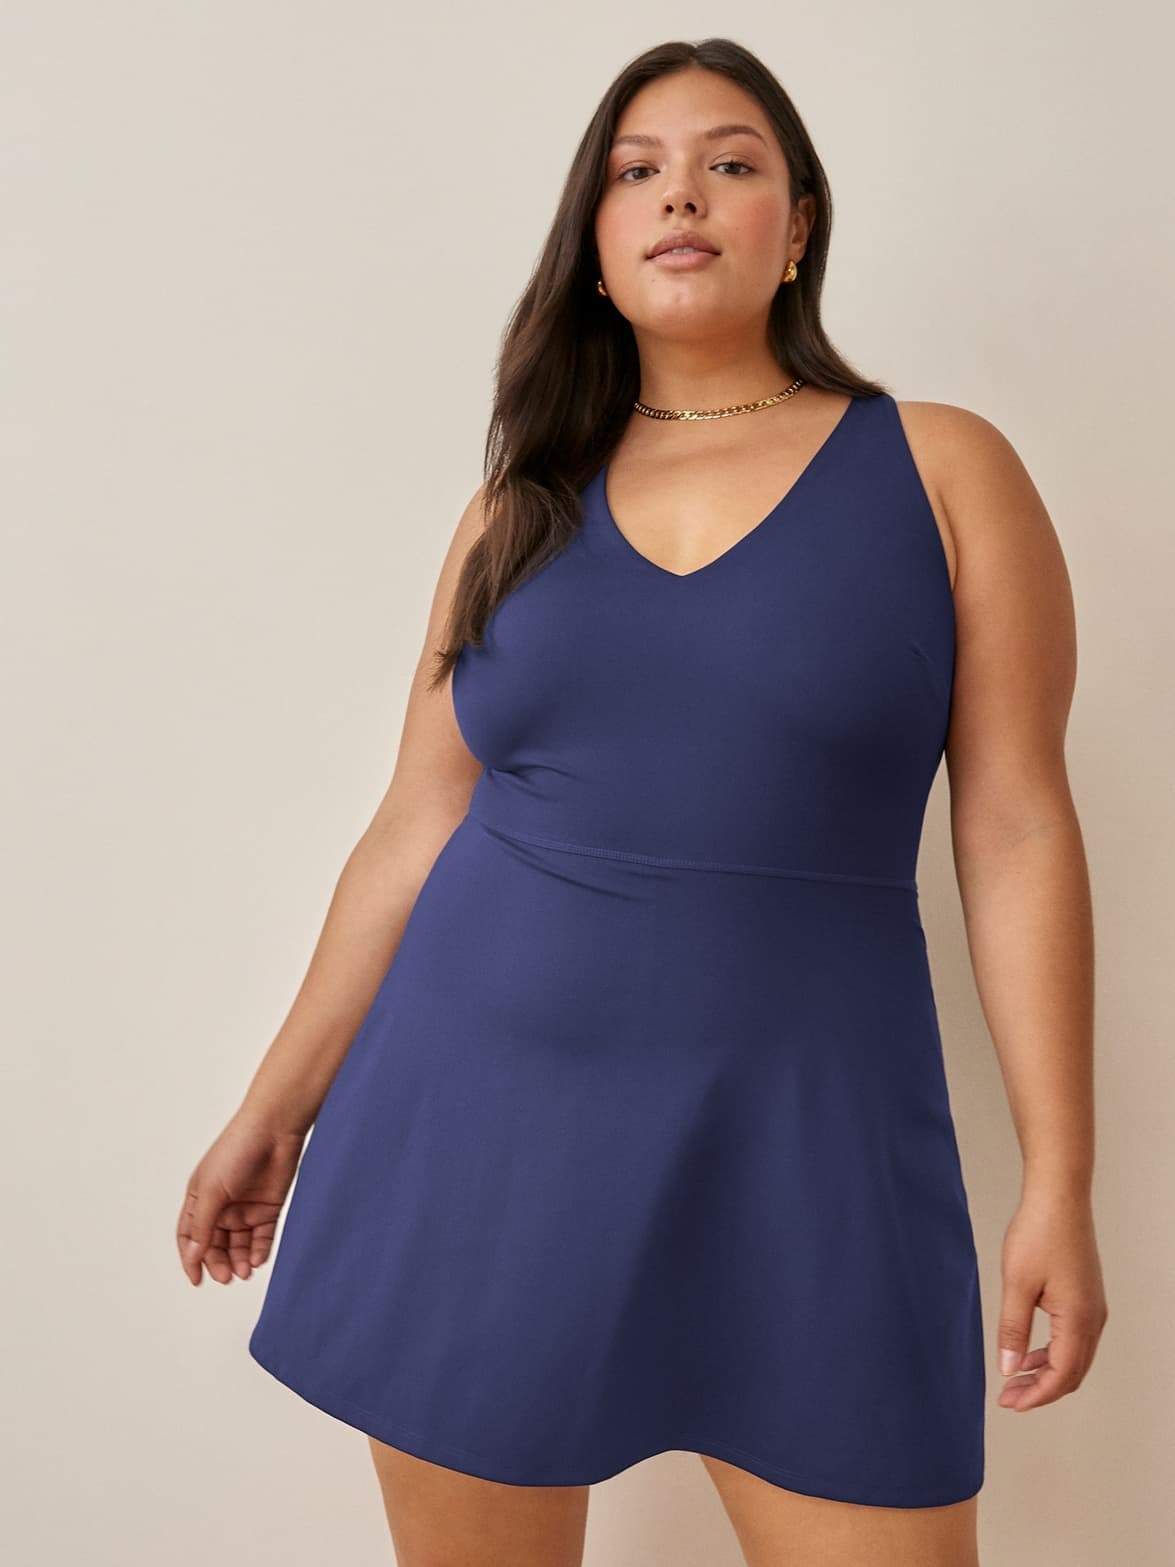 model wearing the navy dress